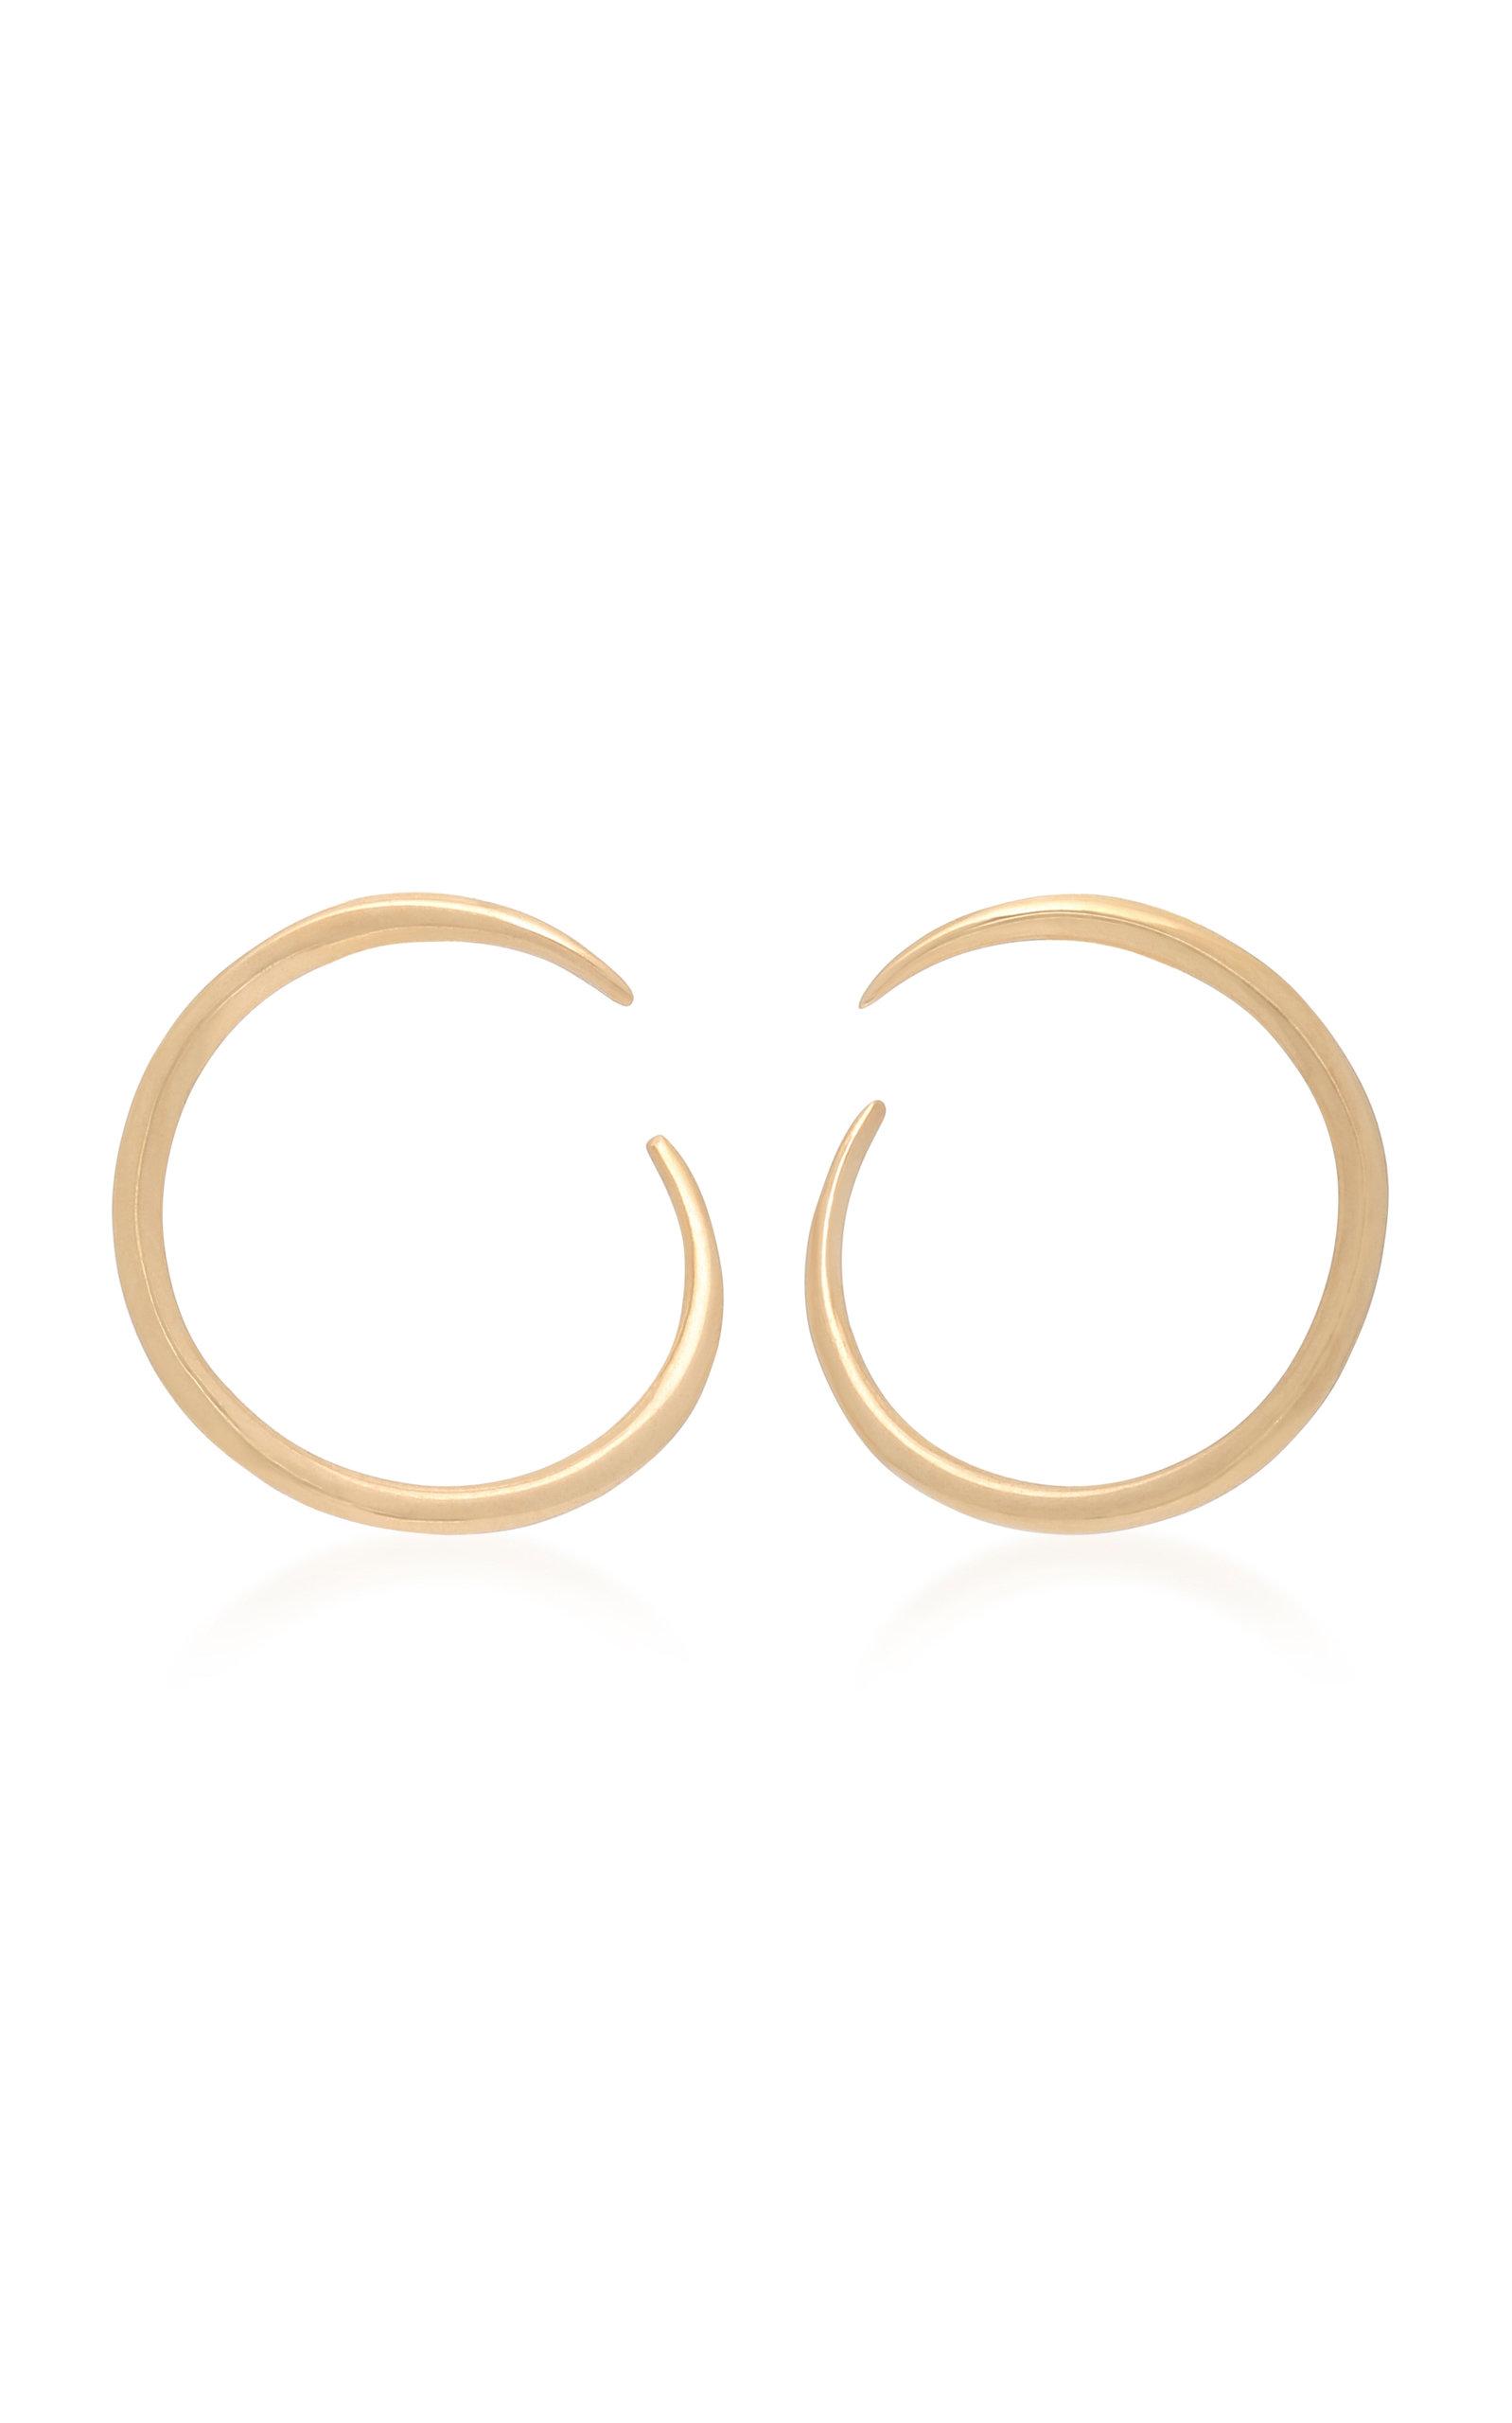 WHITE/SPACE ESME 14K GOLD HOOP EARRINGS